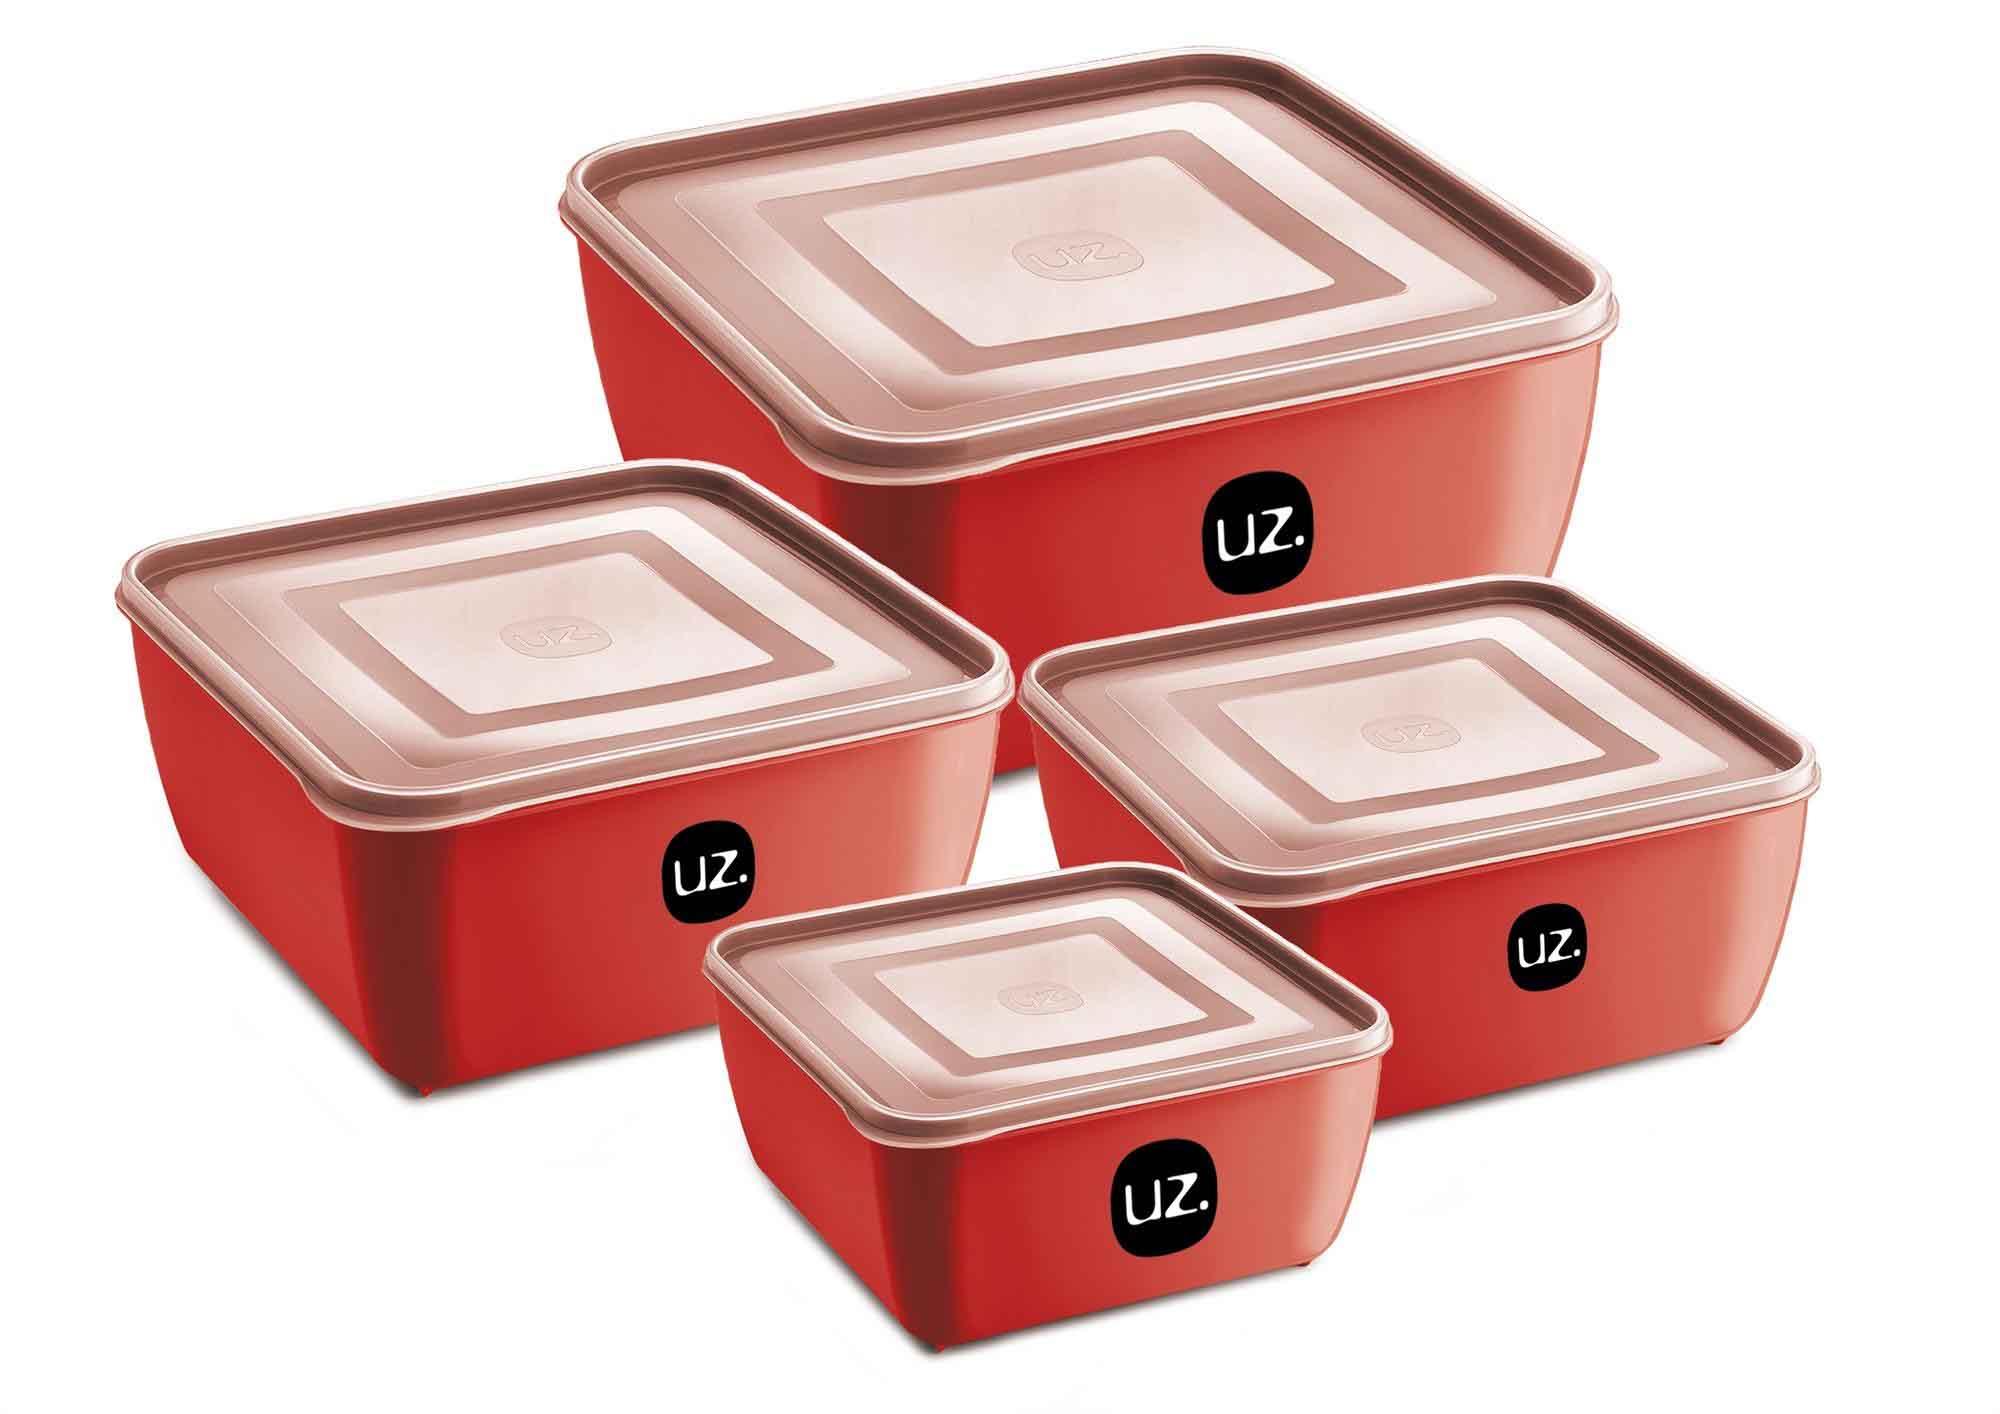 Jogo de Potes Porta Mantimentos Quadrado Premium Plástico 4 Peças UZ Vermelho